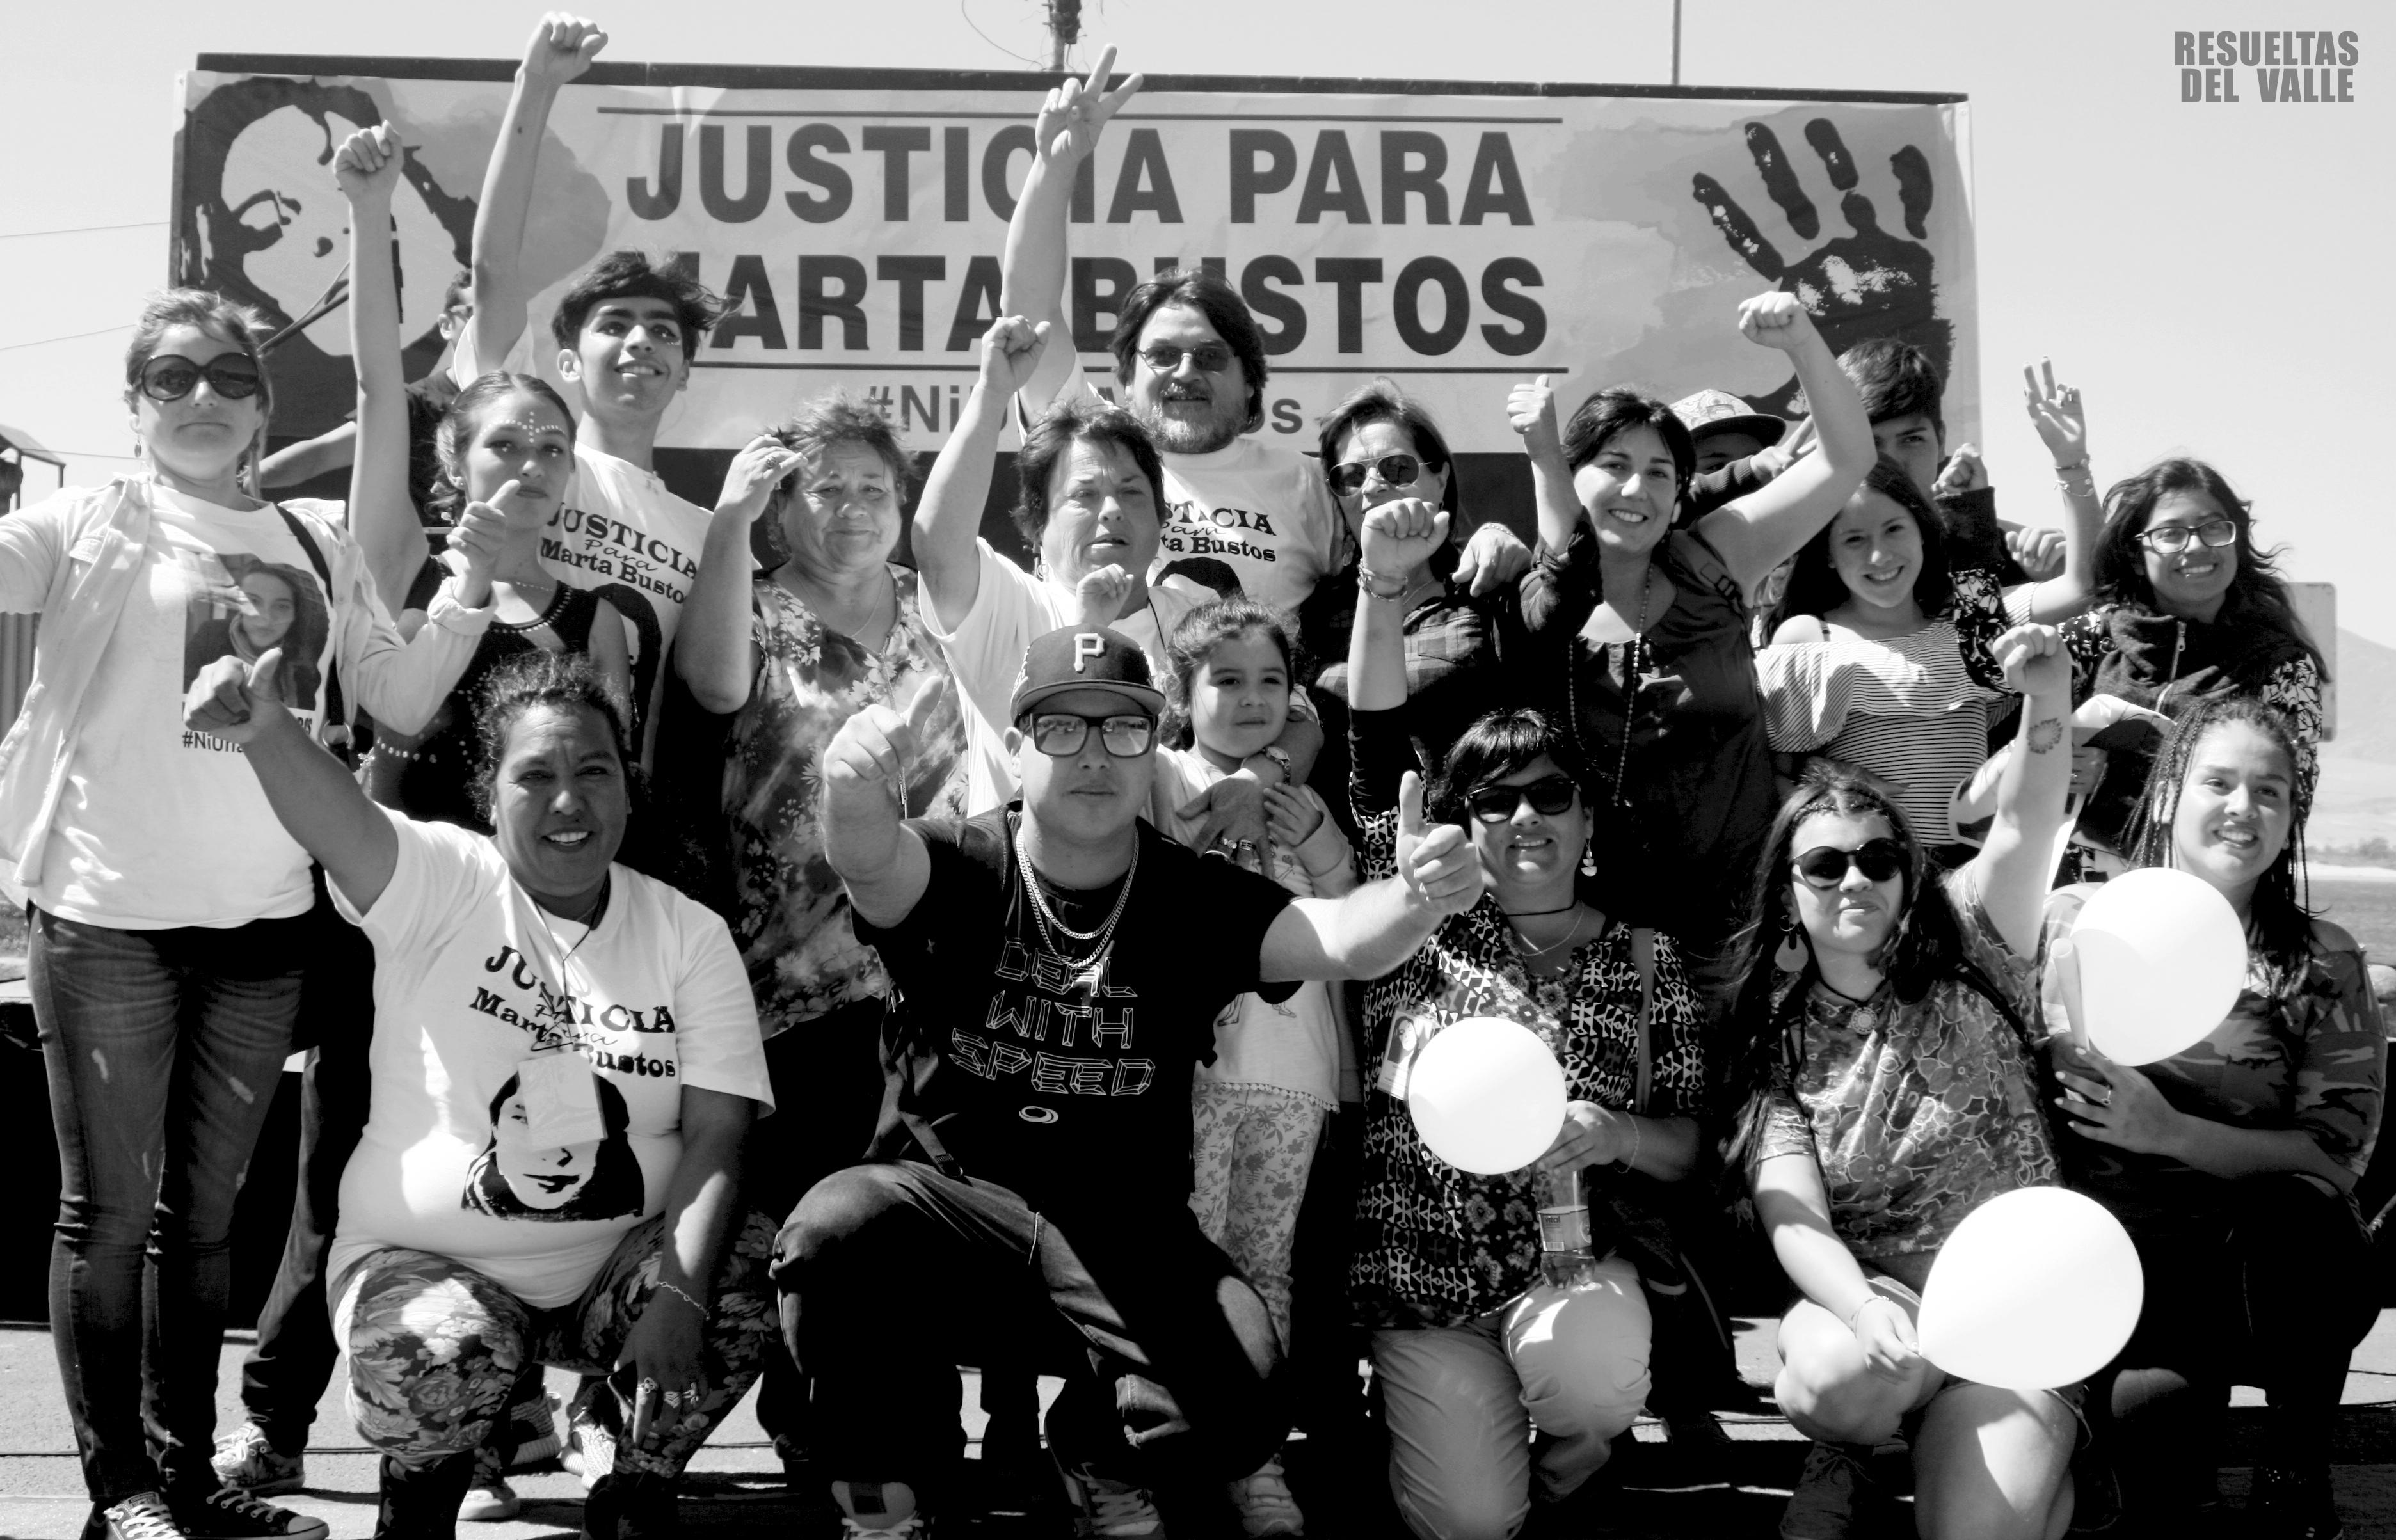 Amigos y familiares realizanactividad artística solicitando justicia por joven asesinada en Huasco